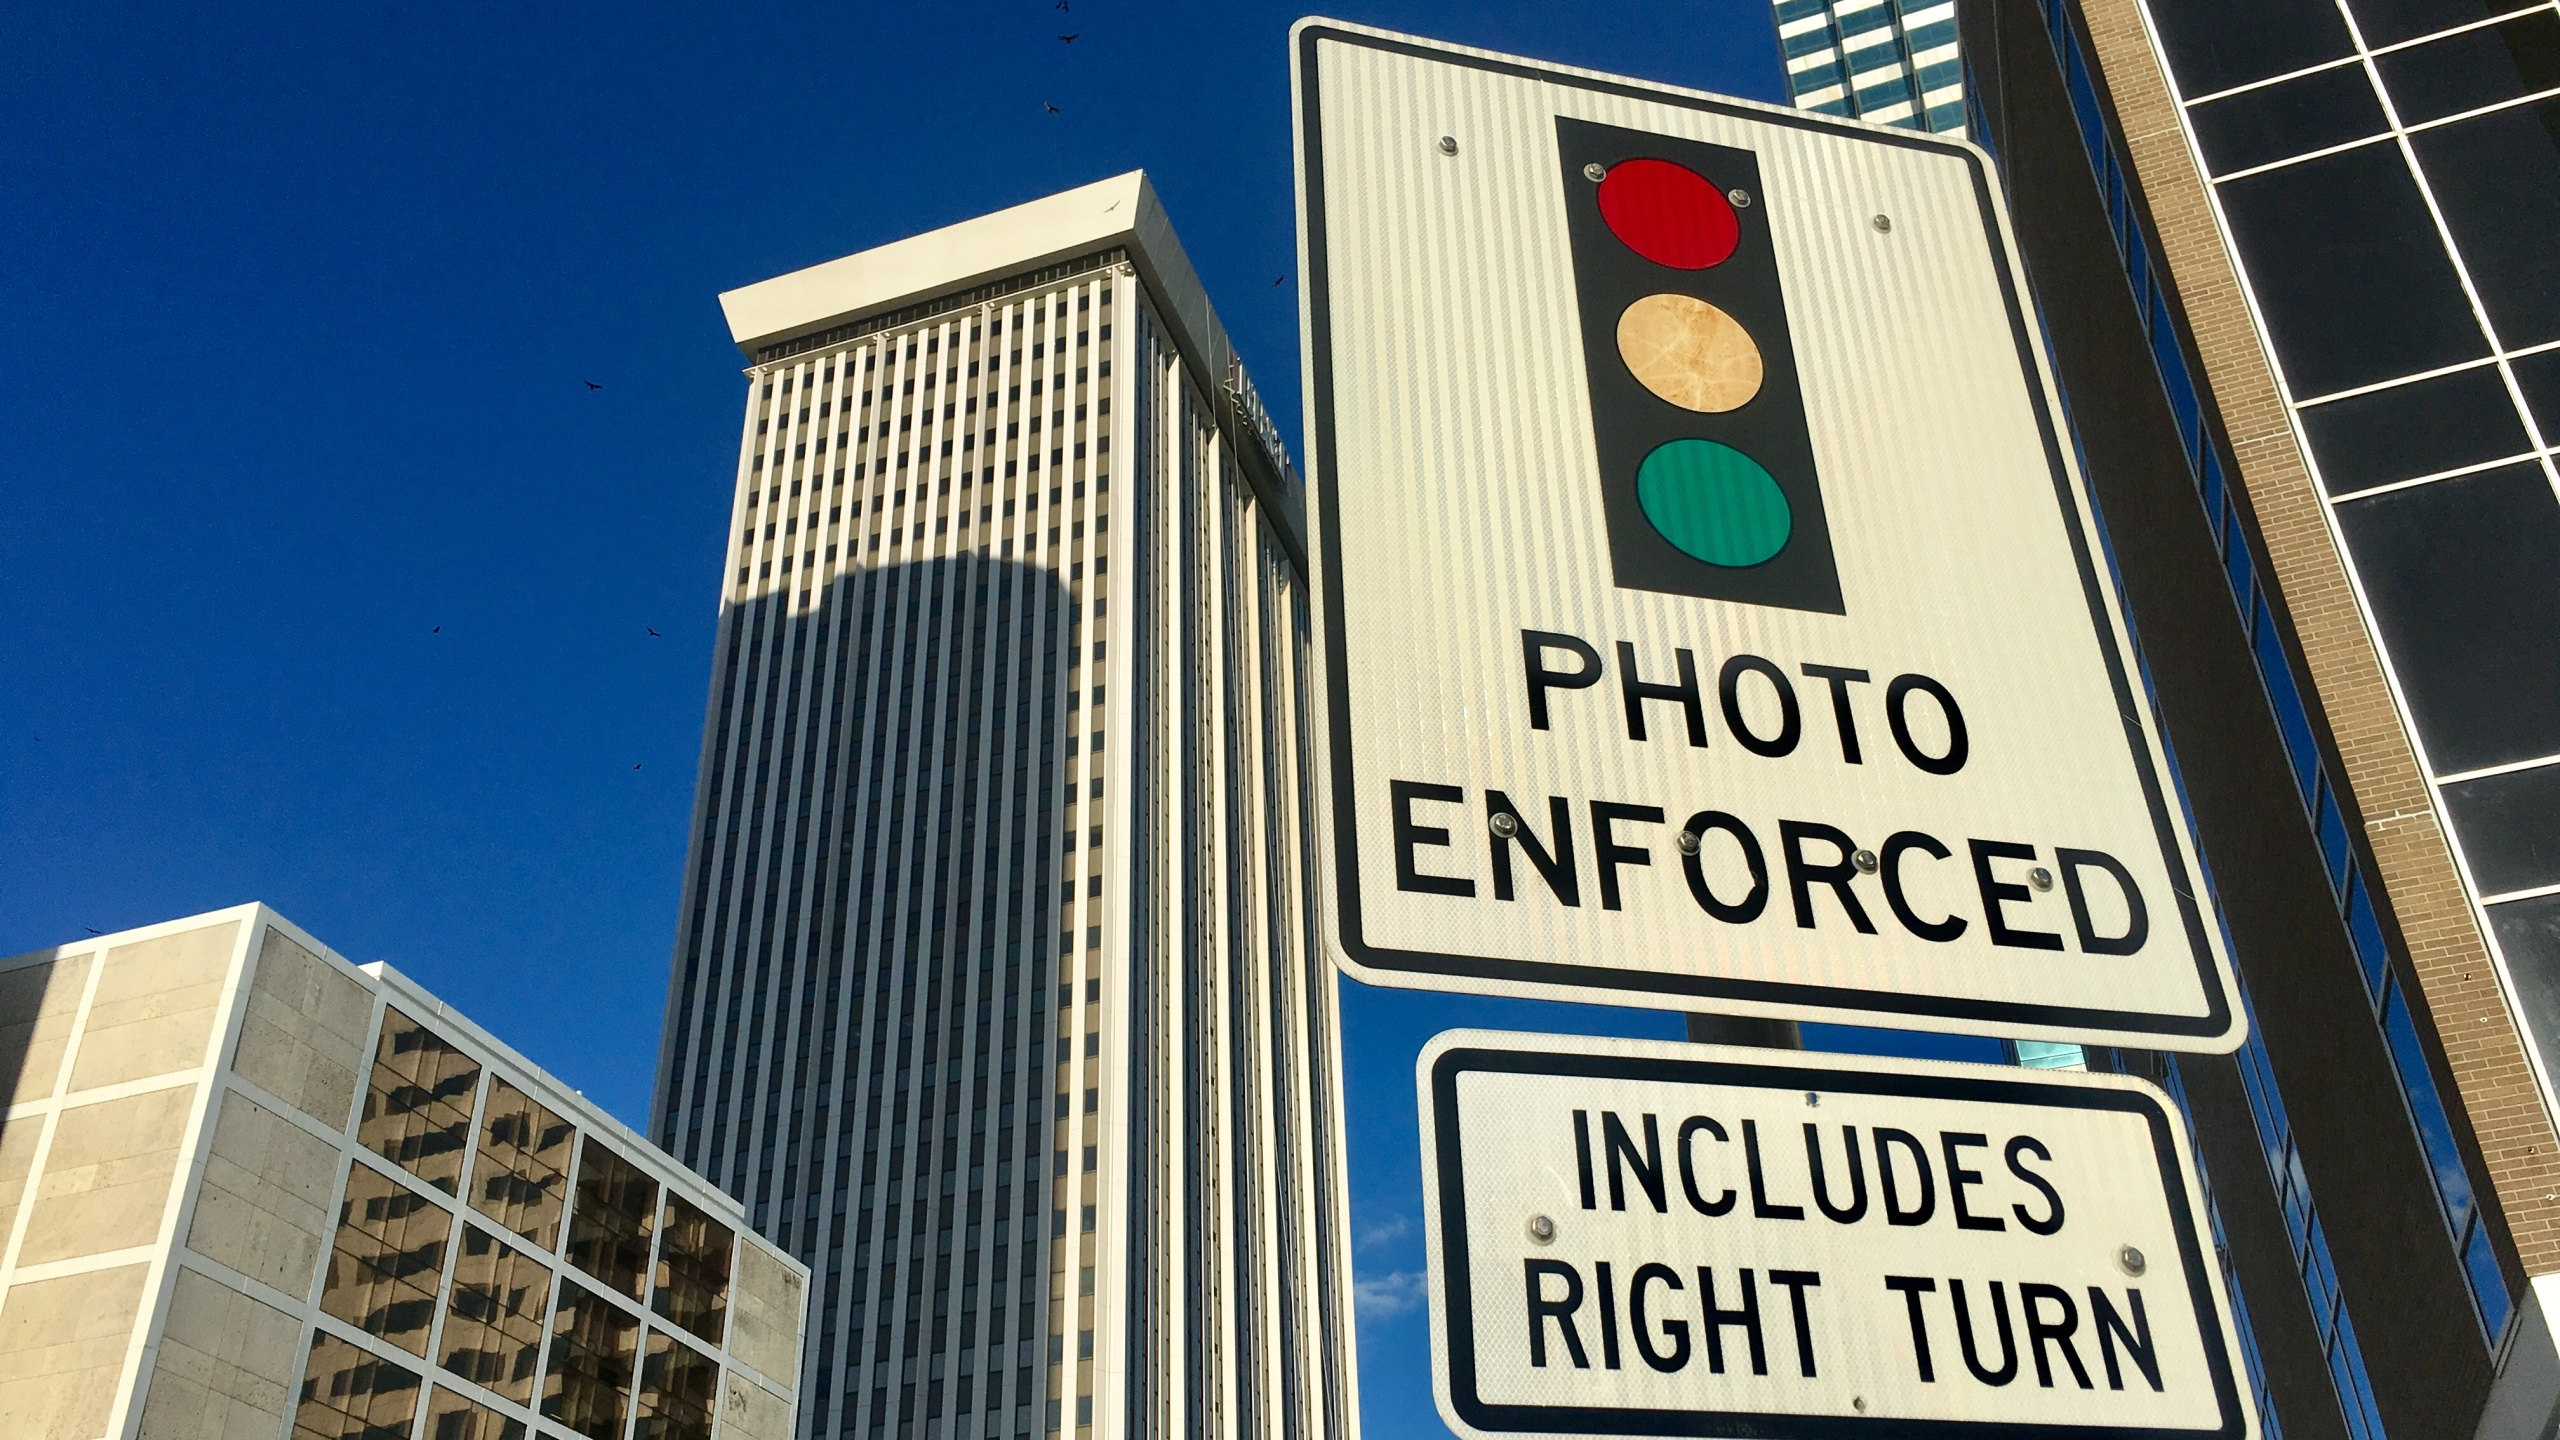 red light camera sign